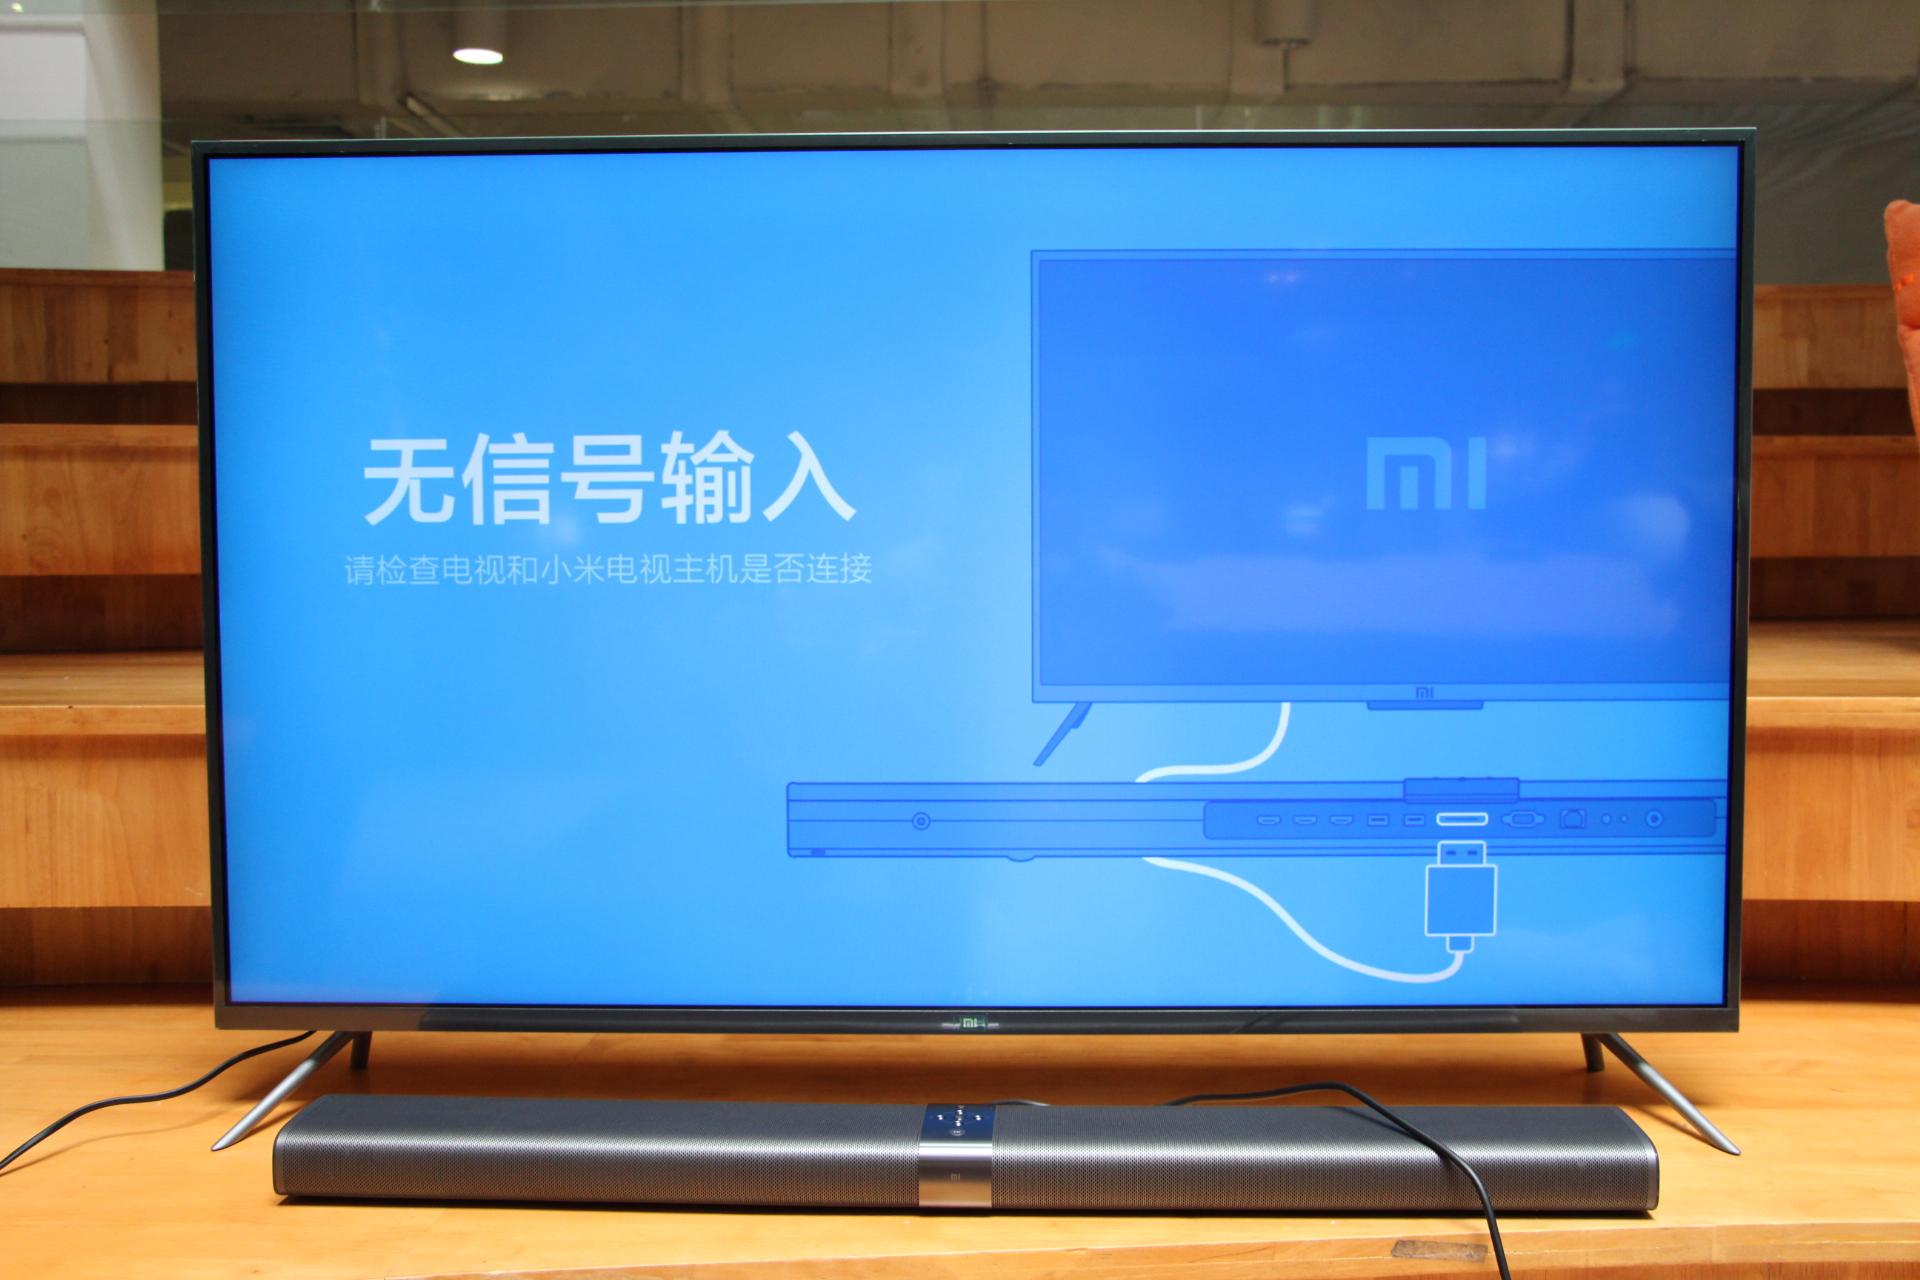 小米电视王川:未来智能电视一定要跨界